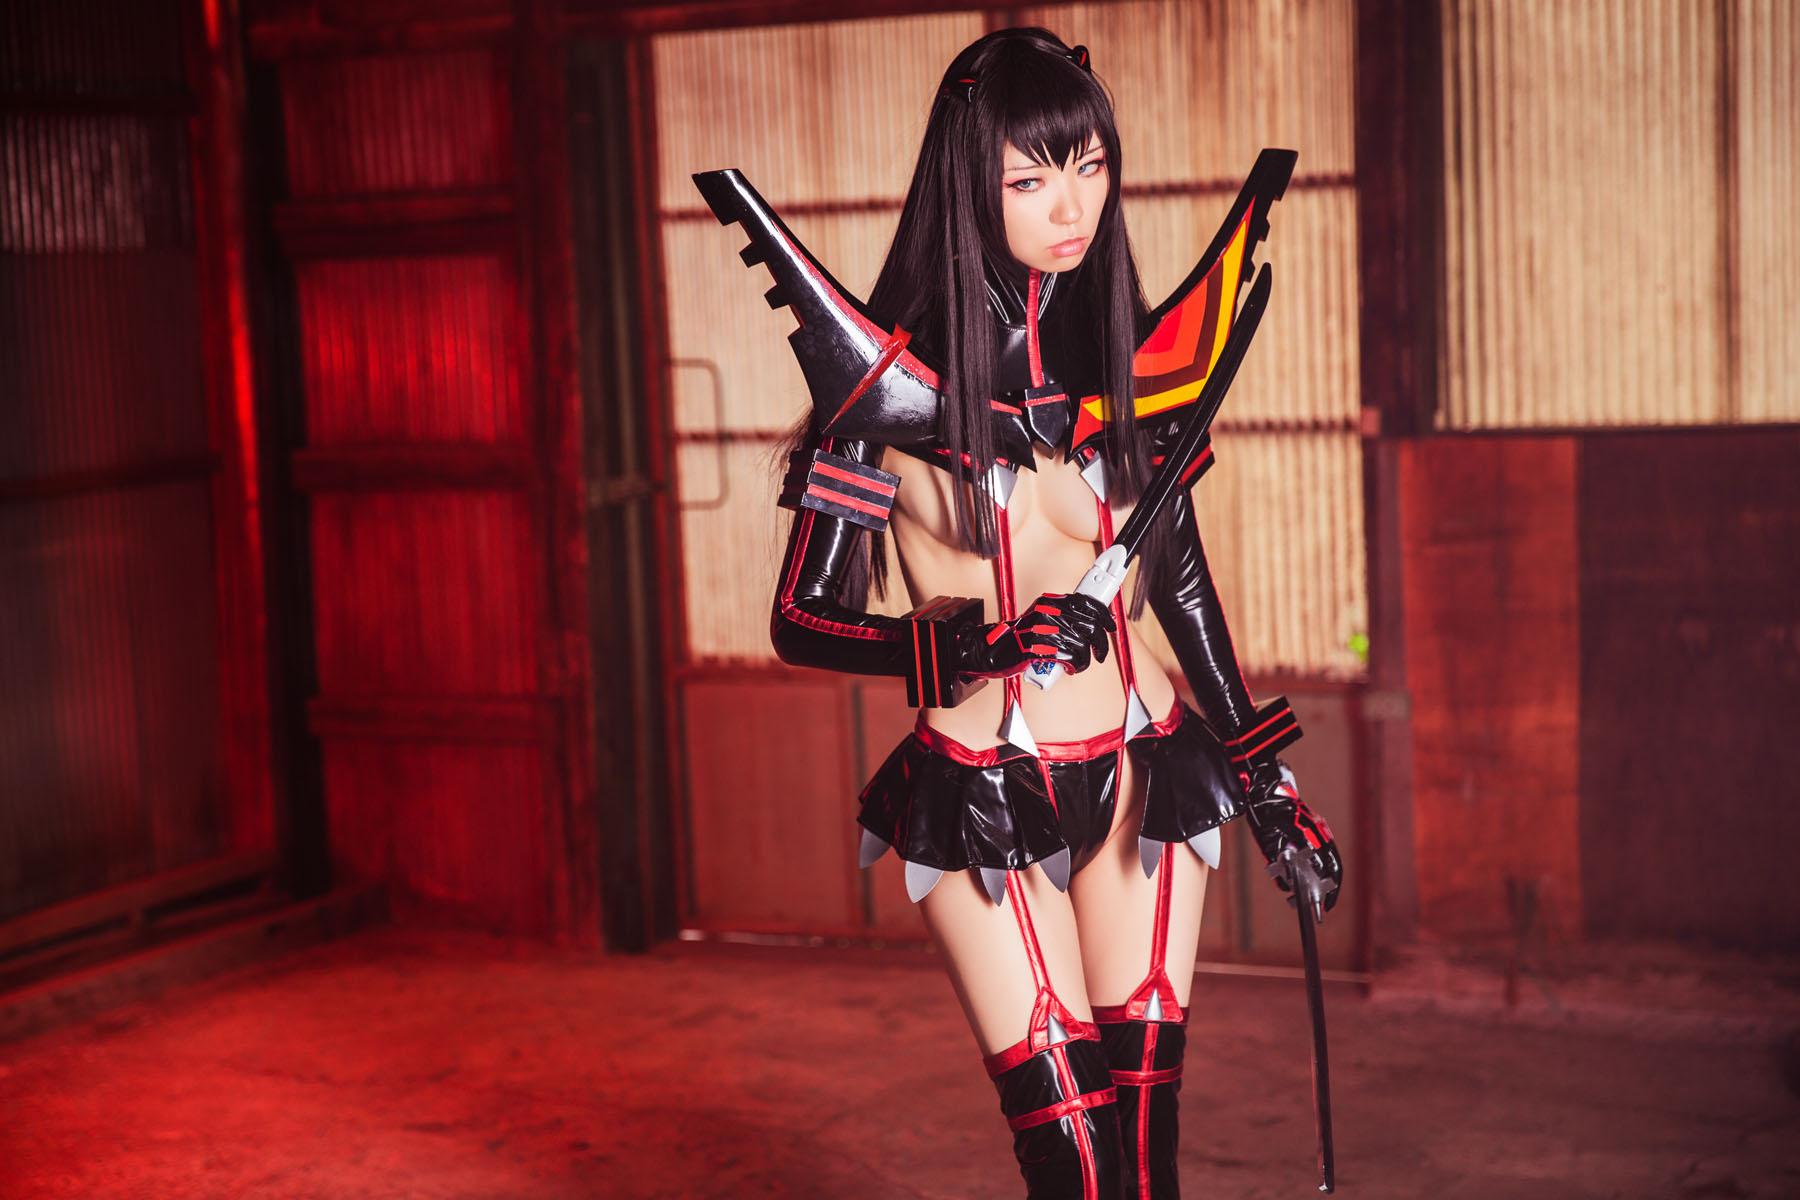 Kill la Kill Satsuki Kiryuuin anime cosplay by Mikehouse 0022